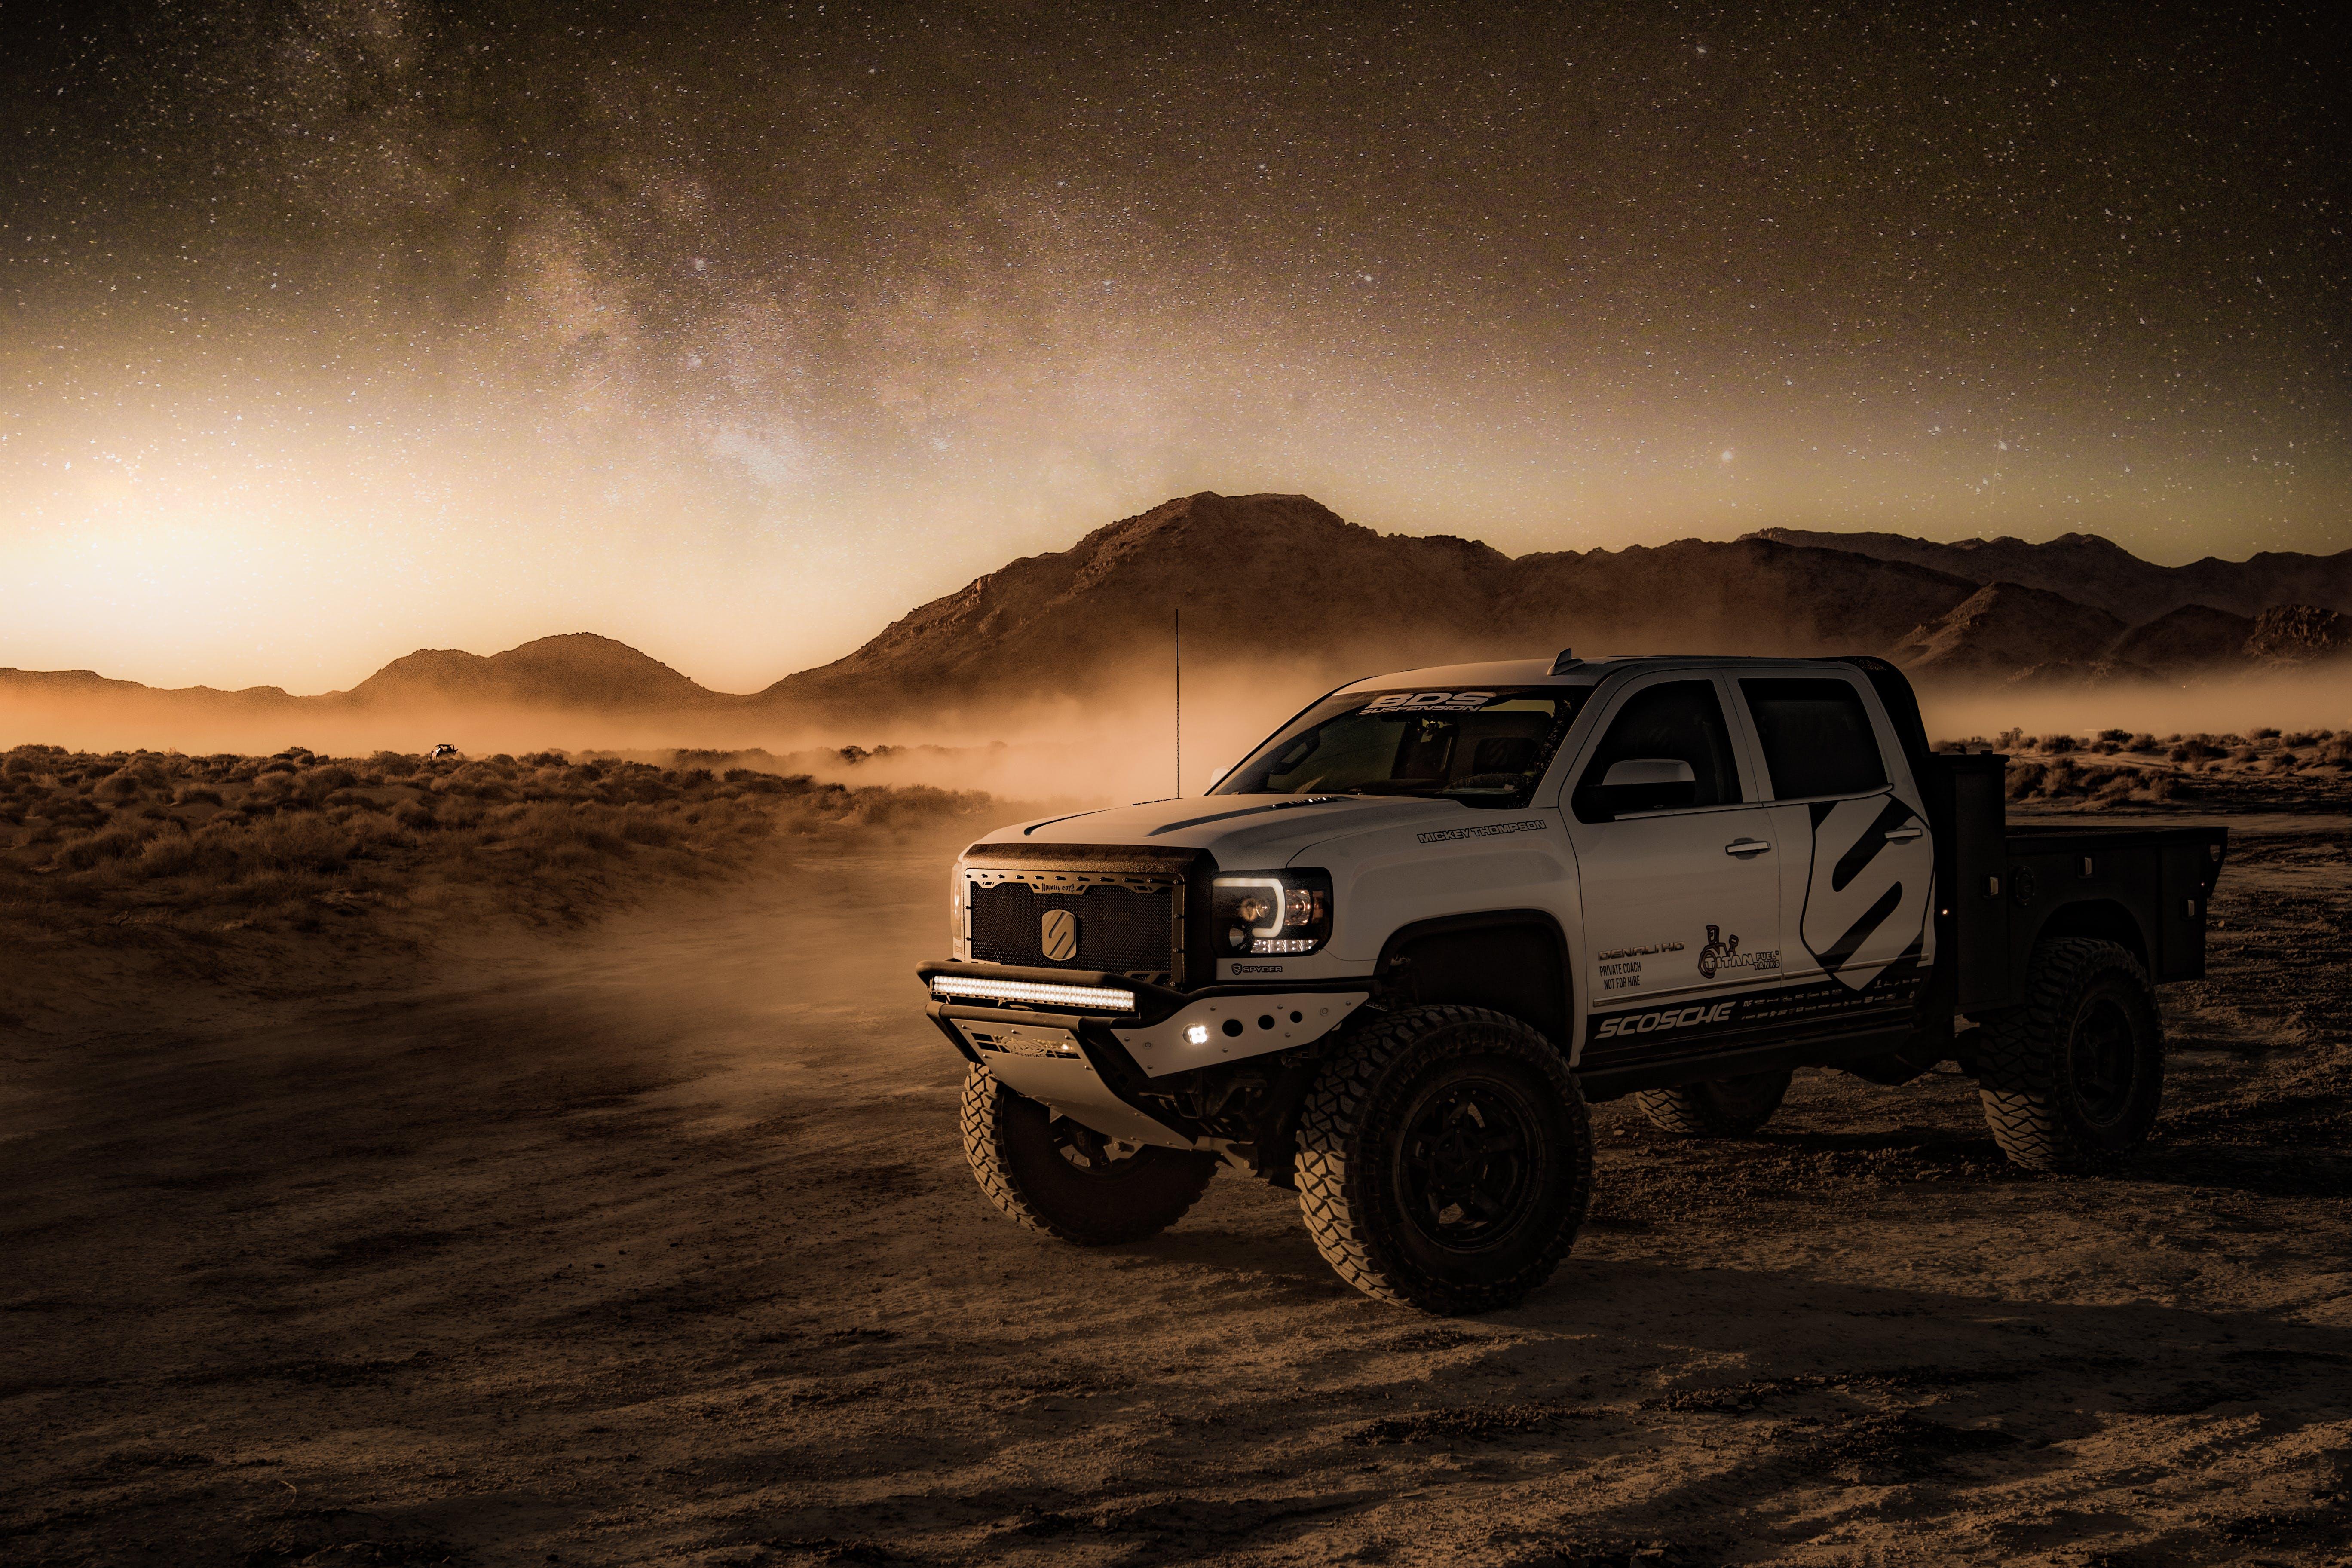 White Crew Cab Pickup Truck on Desert